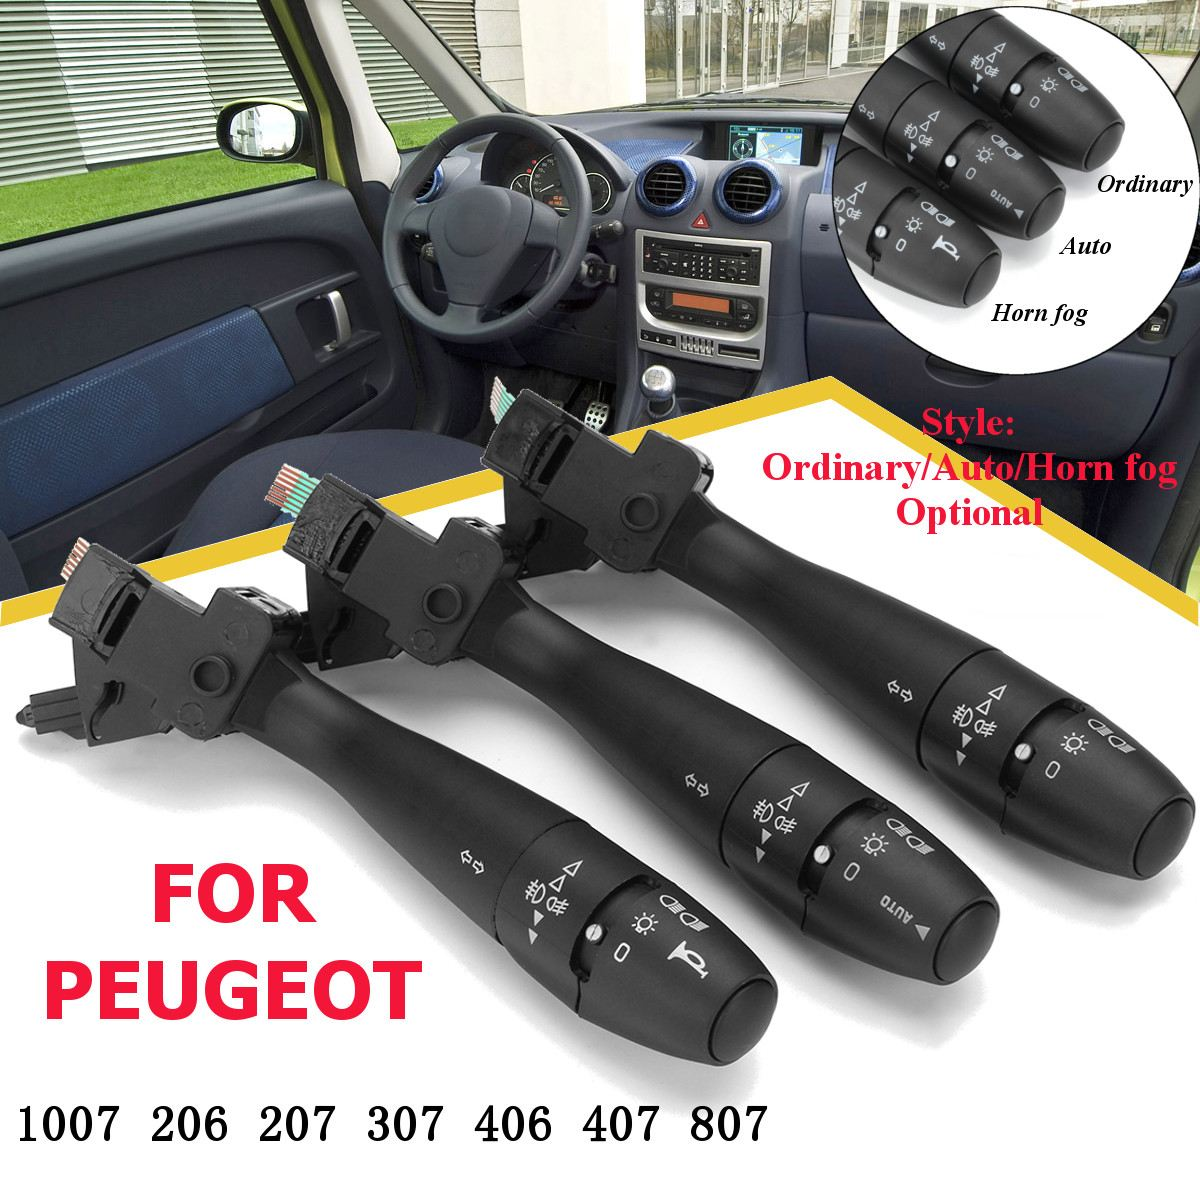 Voiture clignotant indicateur interrupteur colonne de direction klaxon Auto 96477533XT pour PEUGEOT 1007 206 207 307 406 407 807